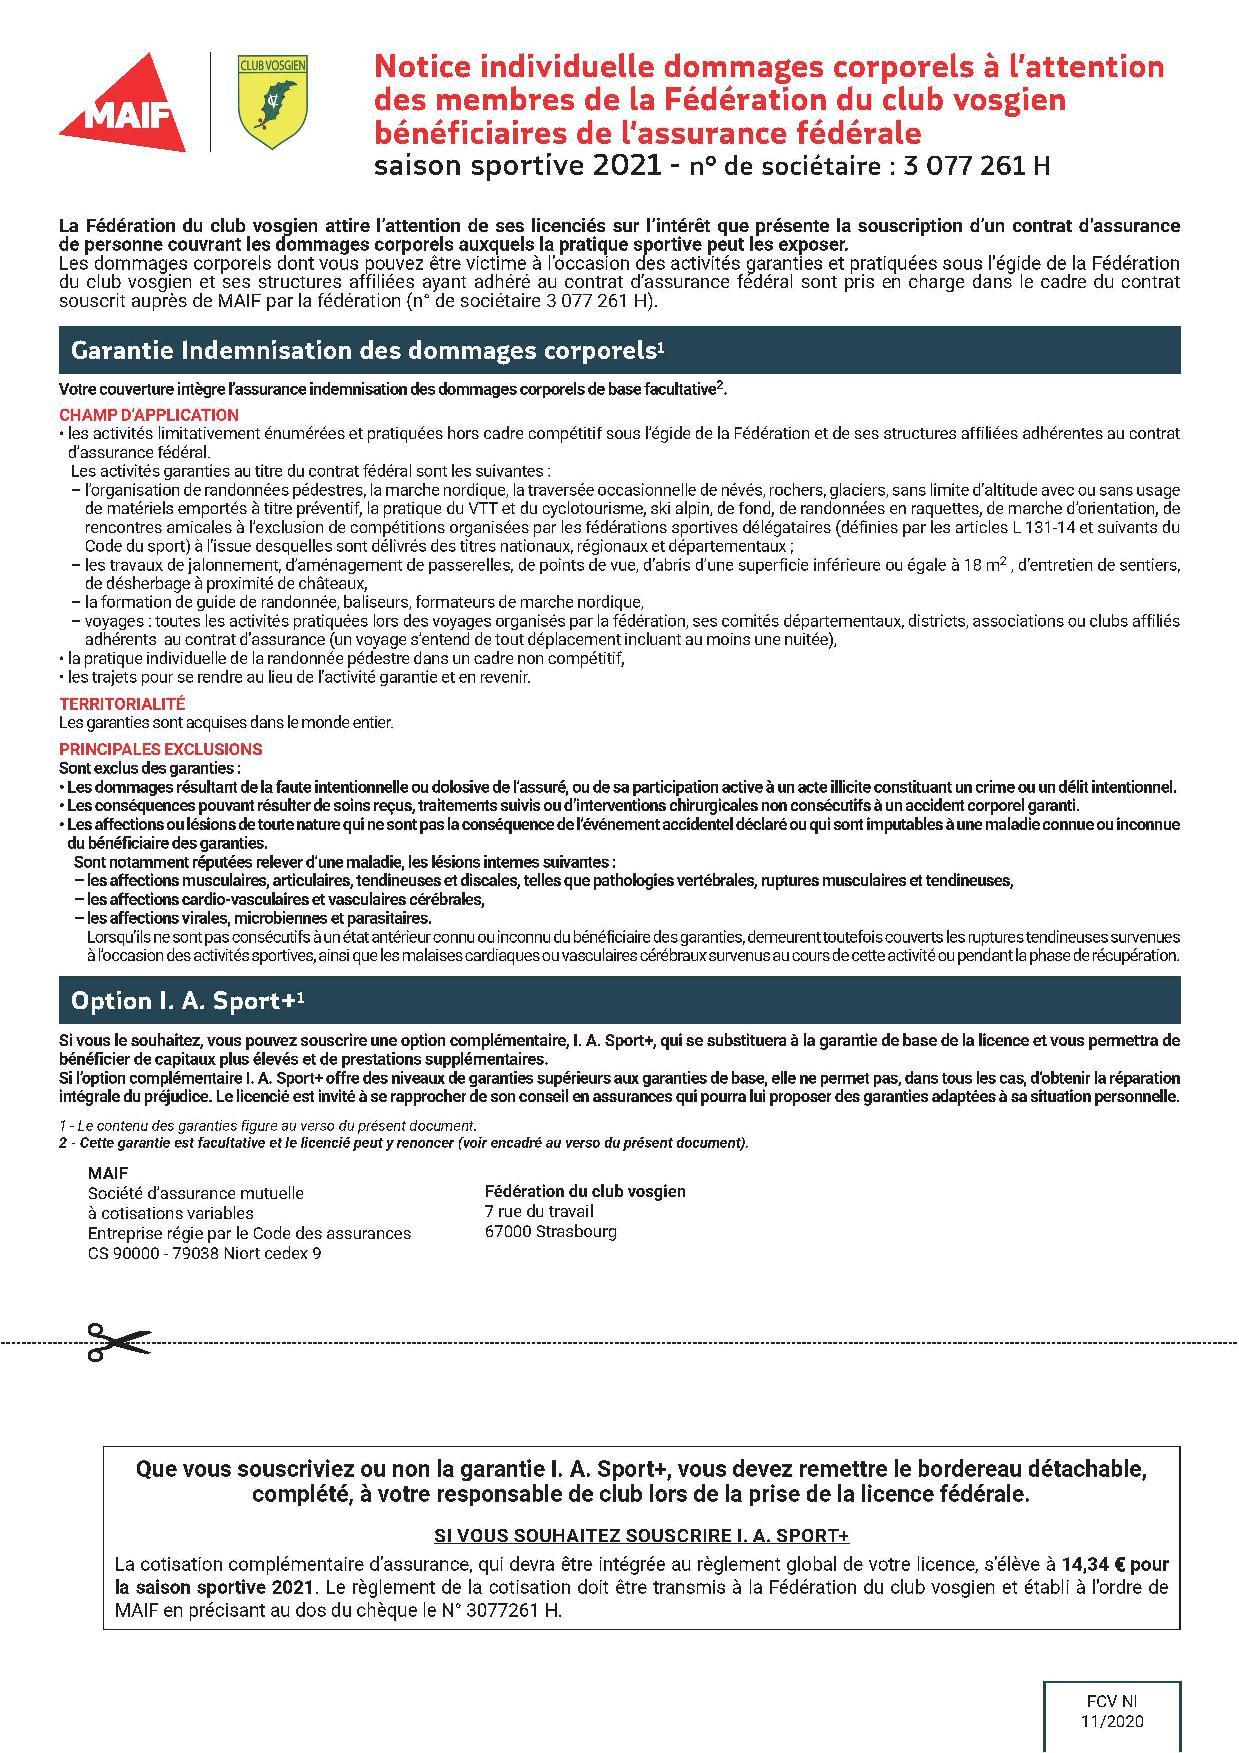 Assurance fédérale - Notice et Sport +